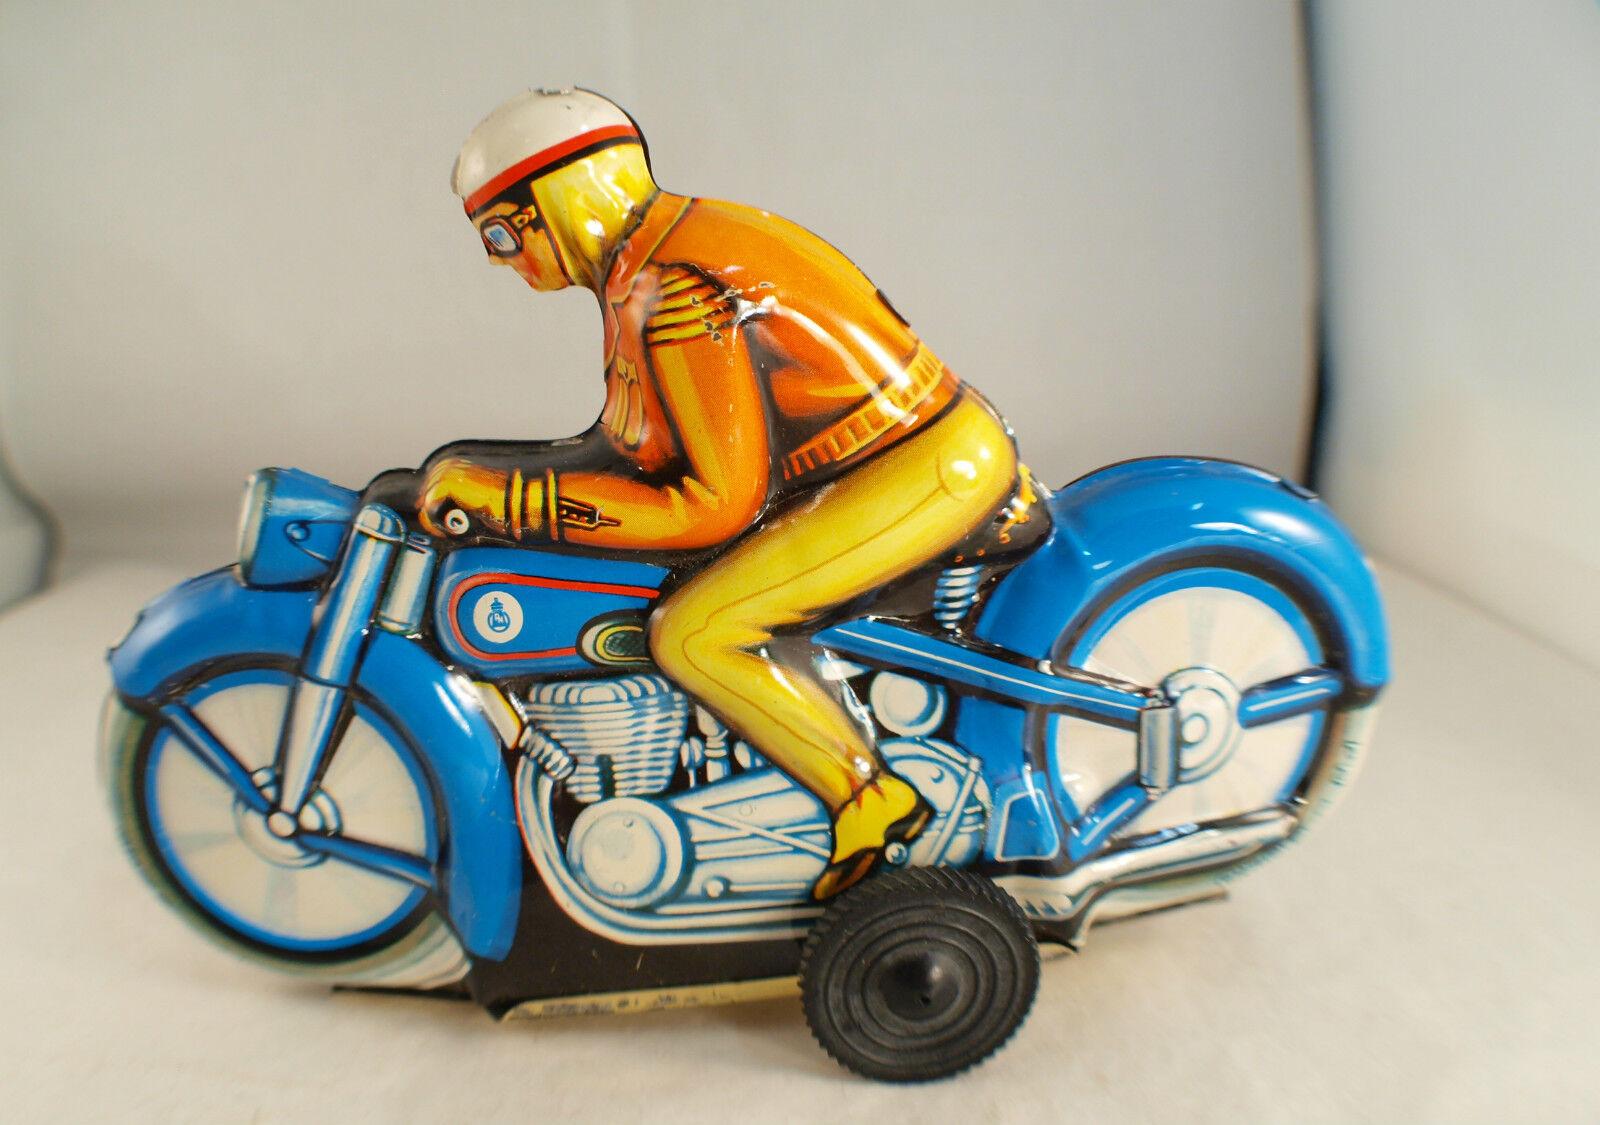 Pn Oeste Alemania Moto Chapa Litografiado Antiguo Fricción 16,5 cm Tintoy